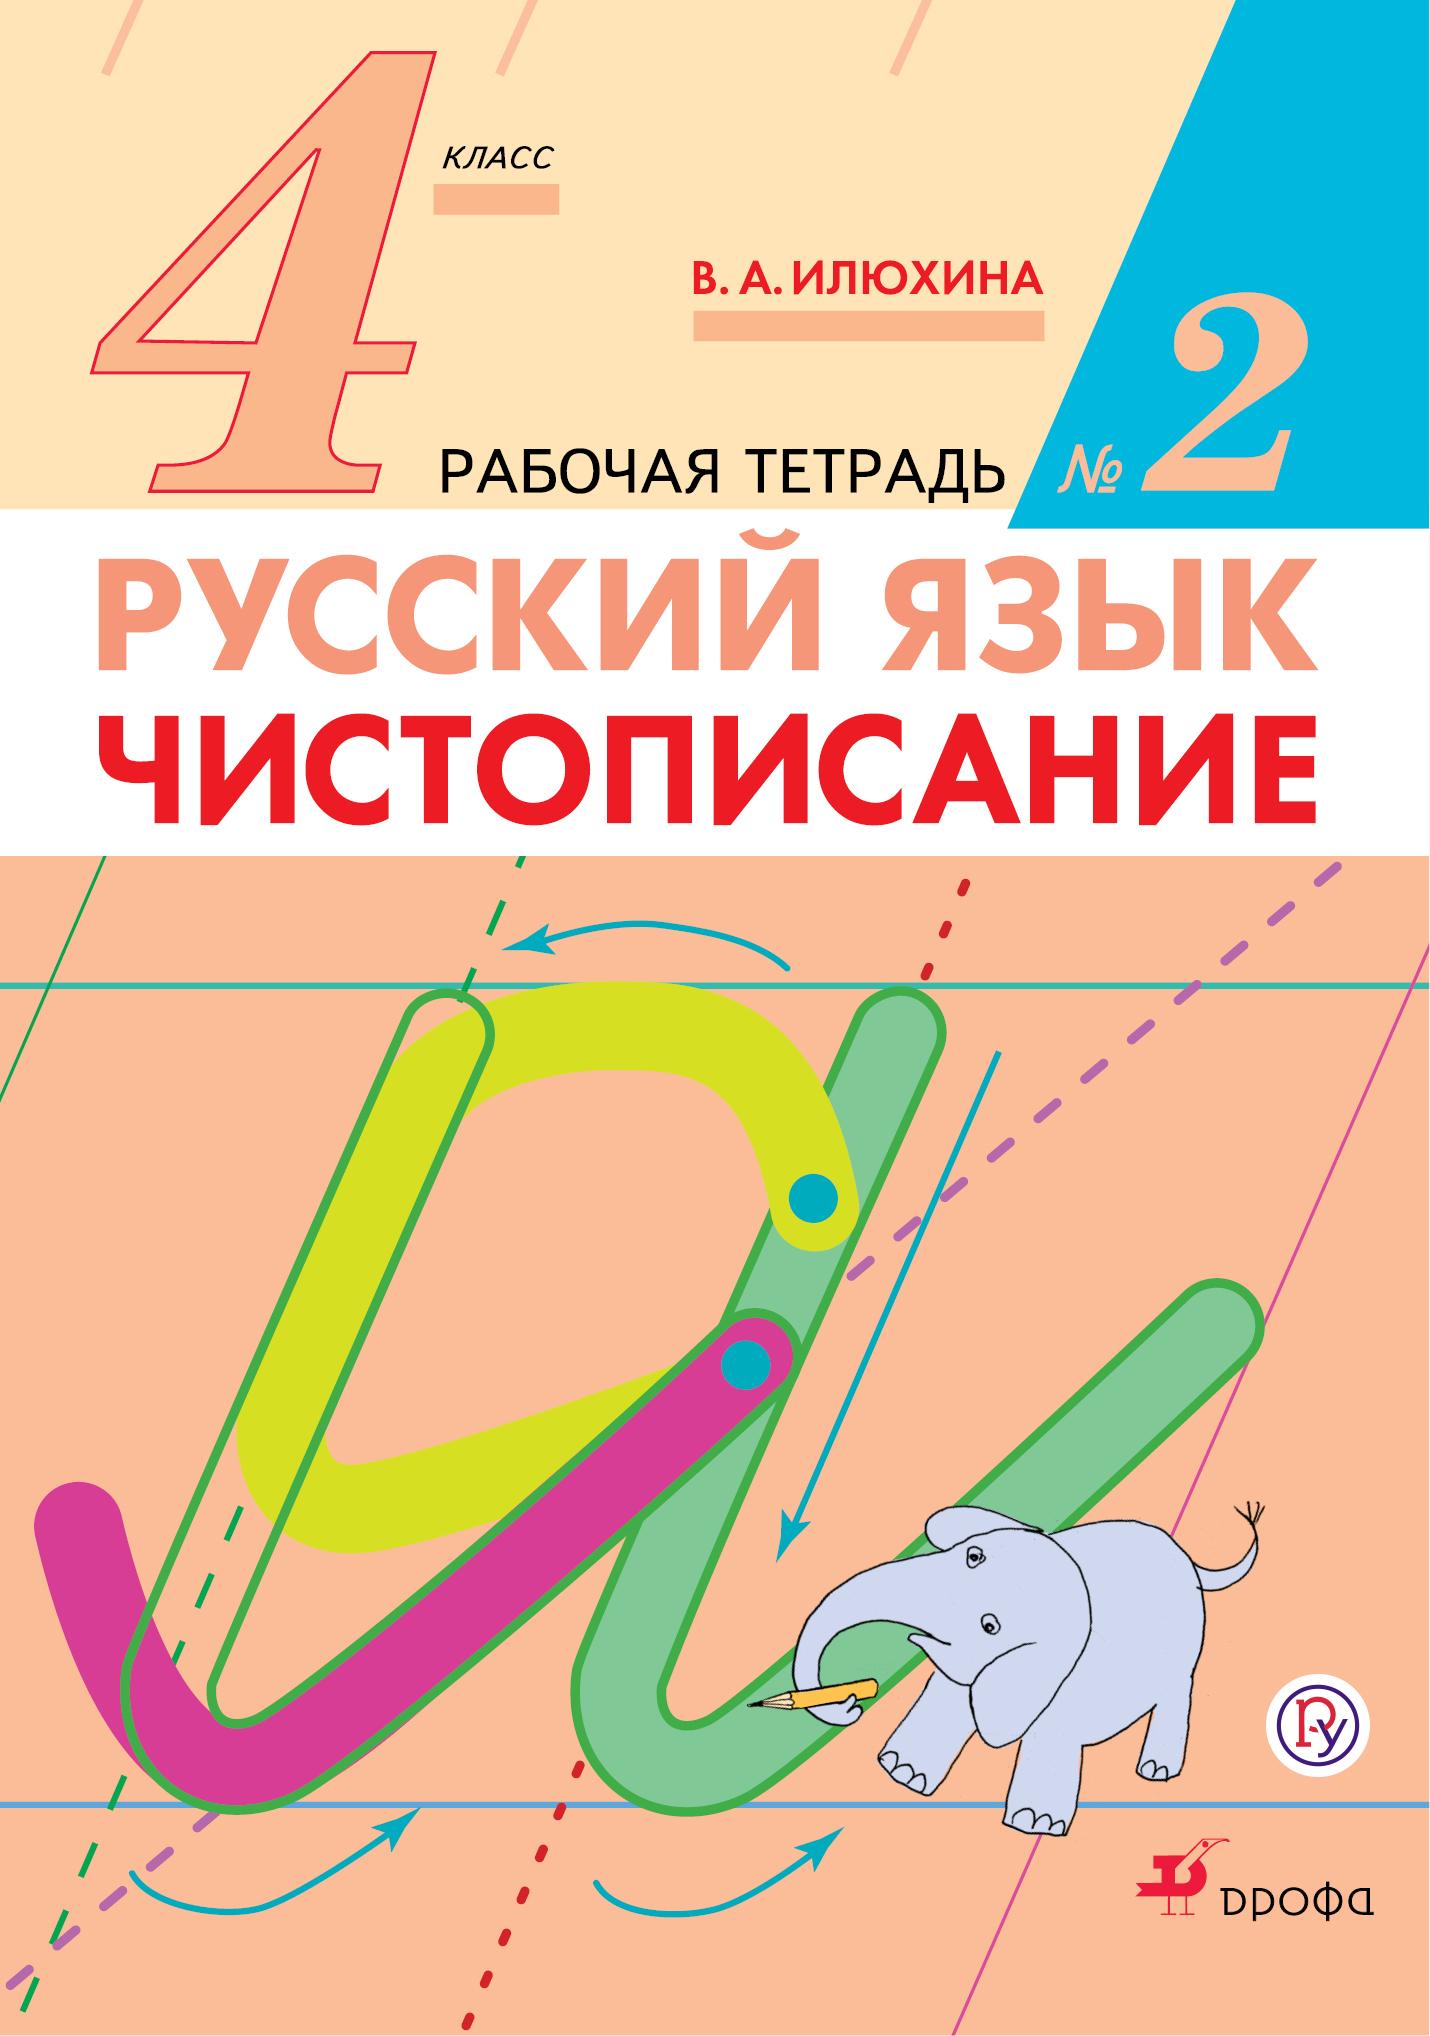 Русский язык. 4 класс. Чистописание. Рабочая тетрадь №2 (Прописи).